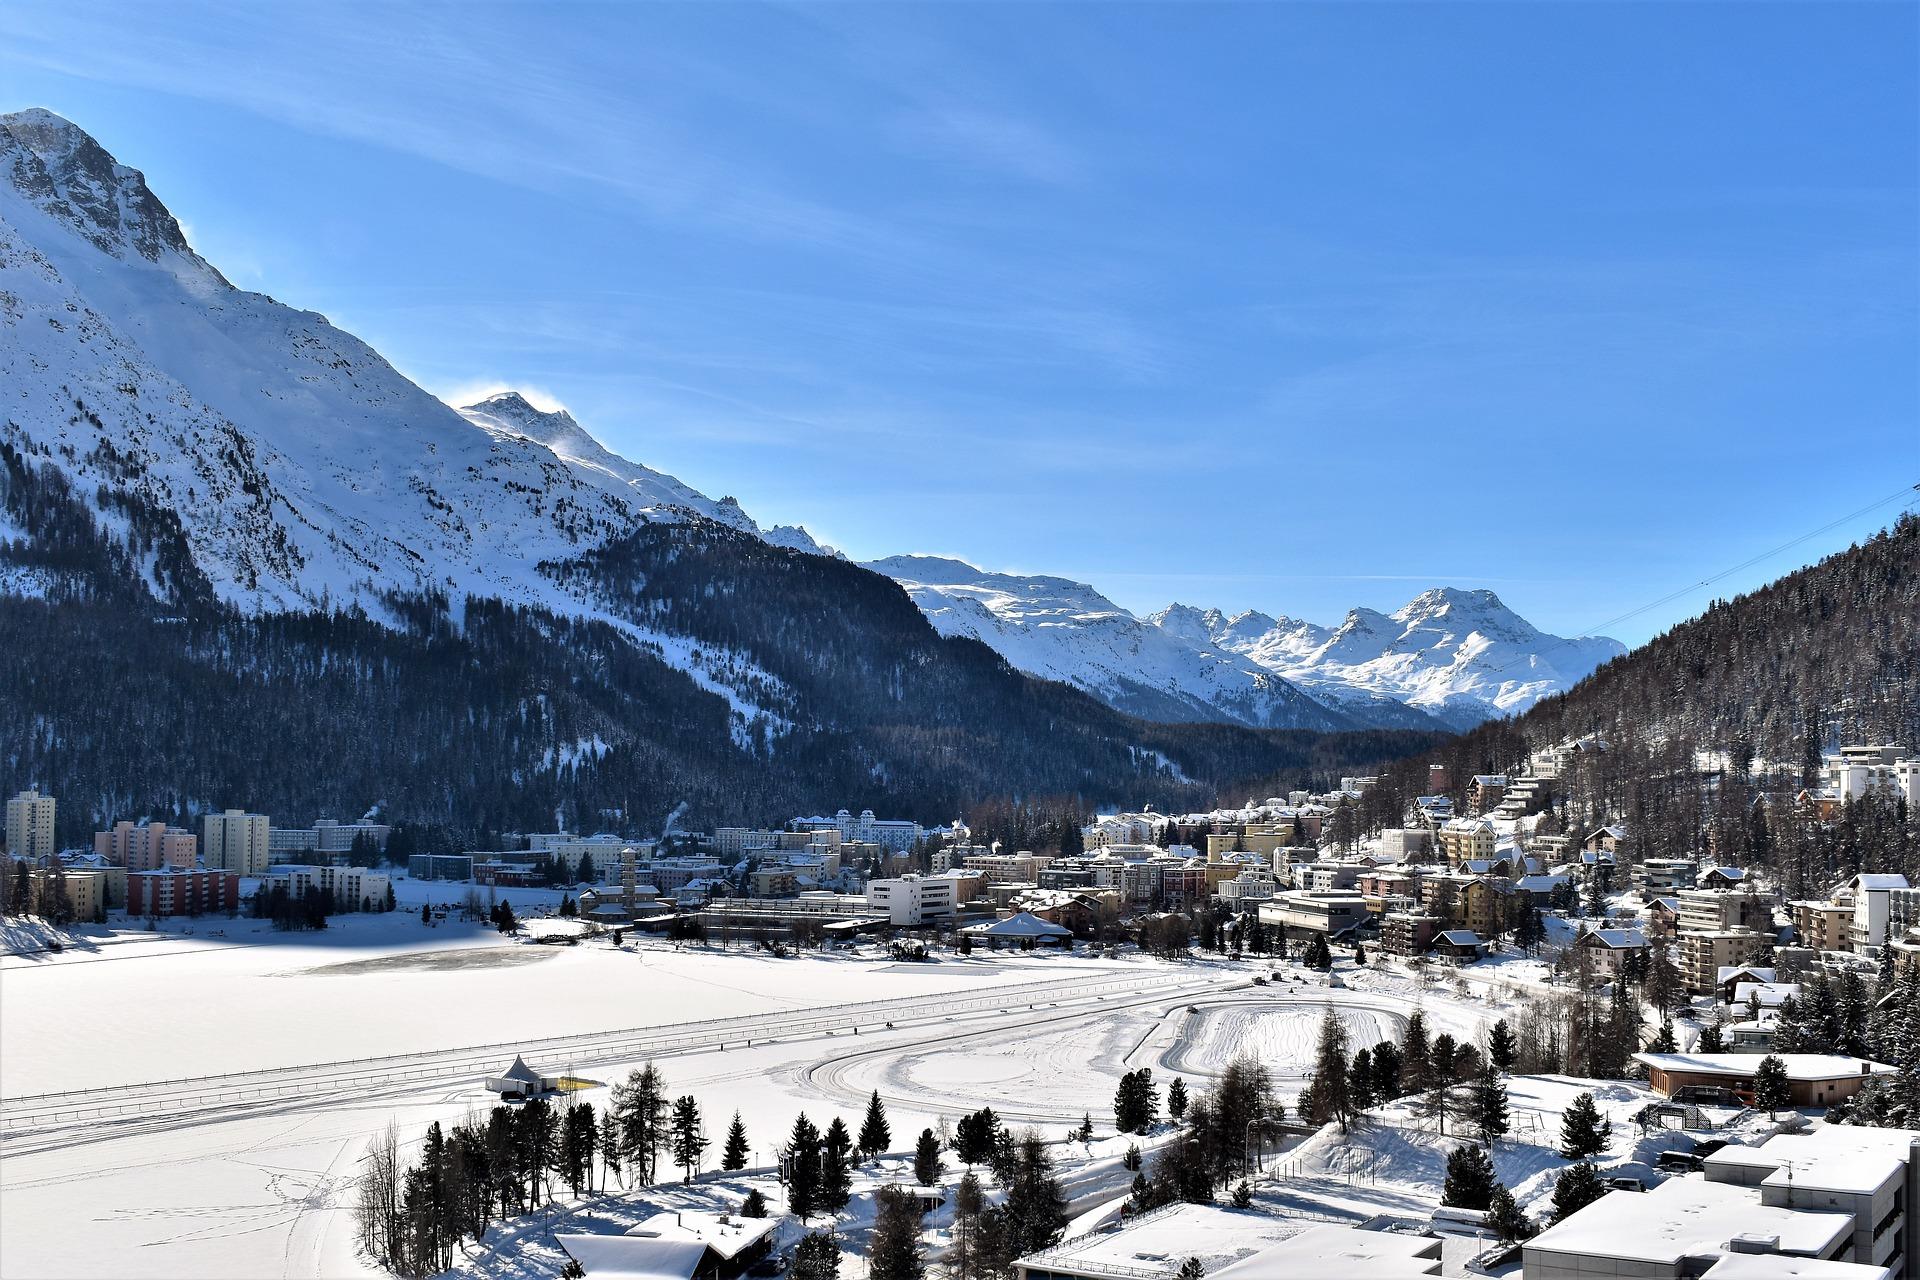 St. Moritz mete sciistiche migliori